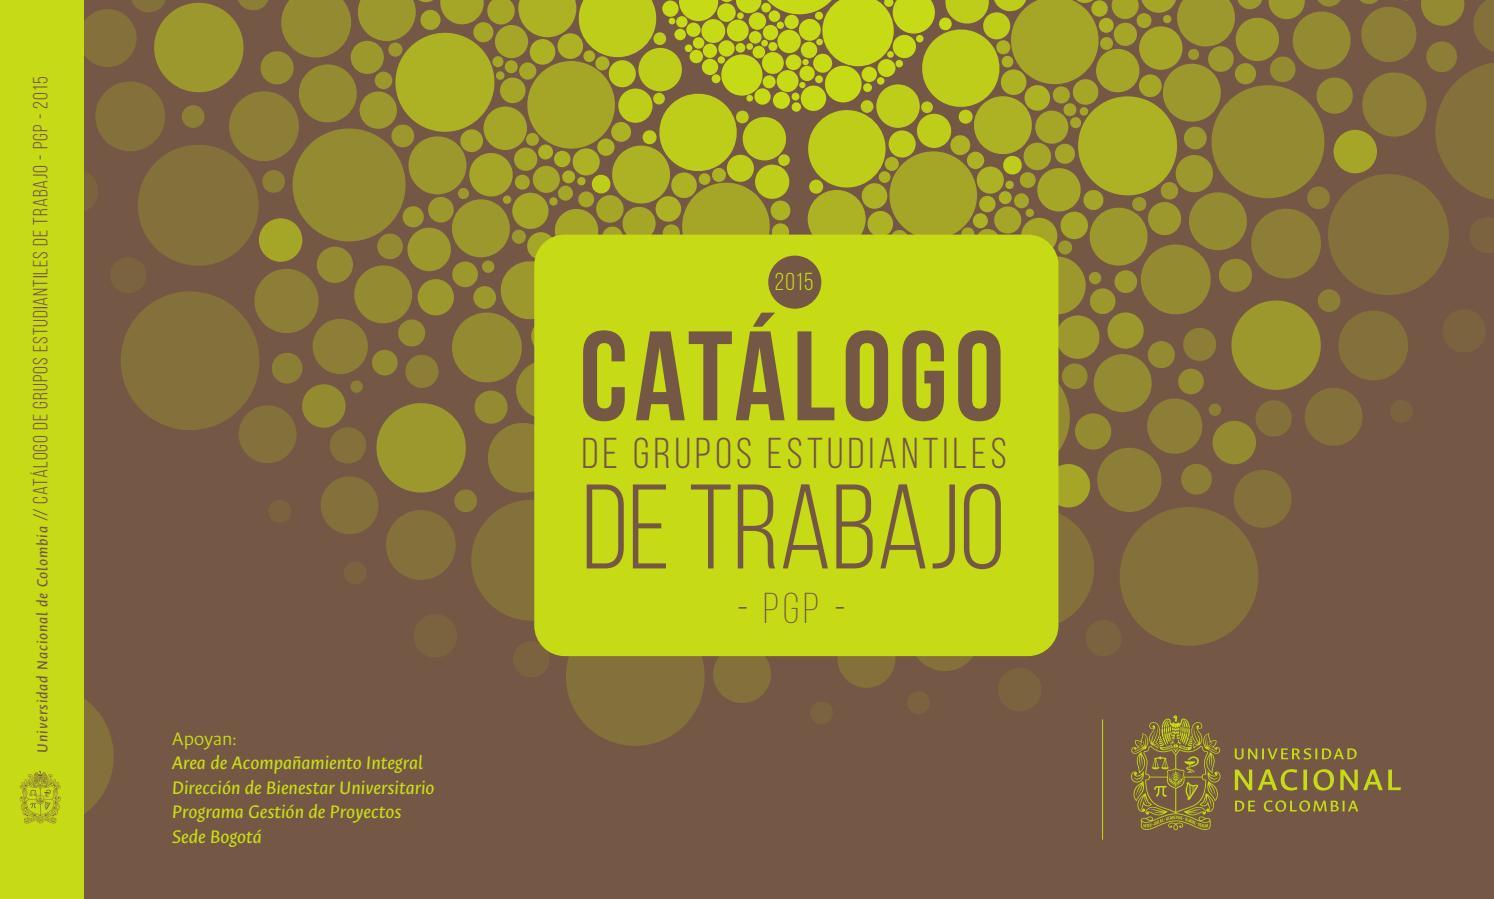 Catálogo Grupos Estudiantiles de Trabajo 2015 by Programa Gestión de ...